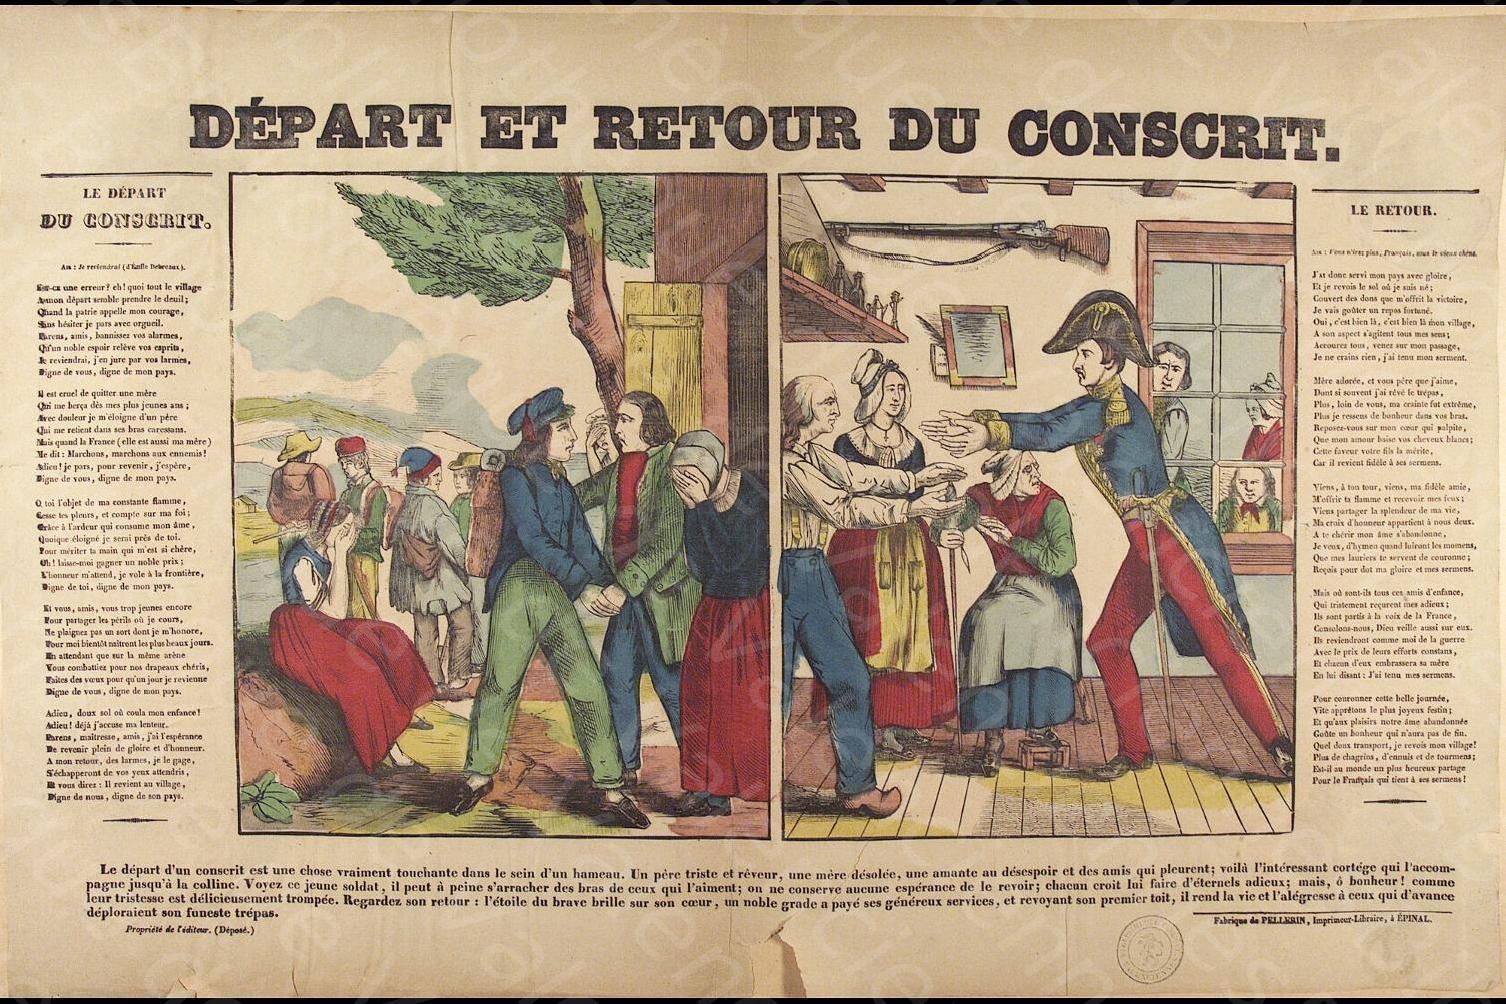 Pellerin 1843 Le depart et le retour du conscrit Bibliotheque municipale de Valenciennes